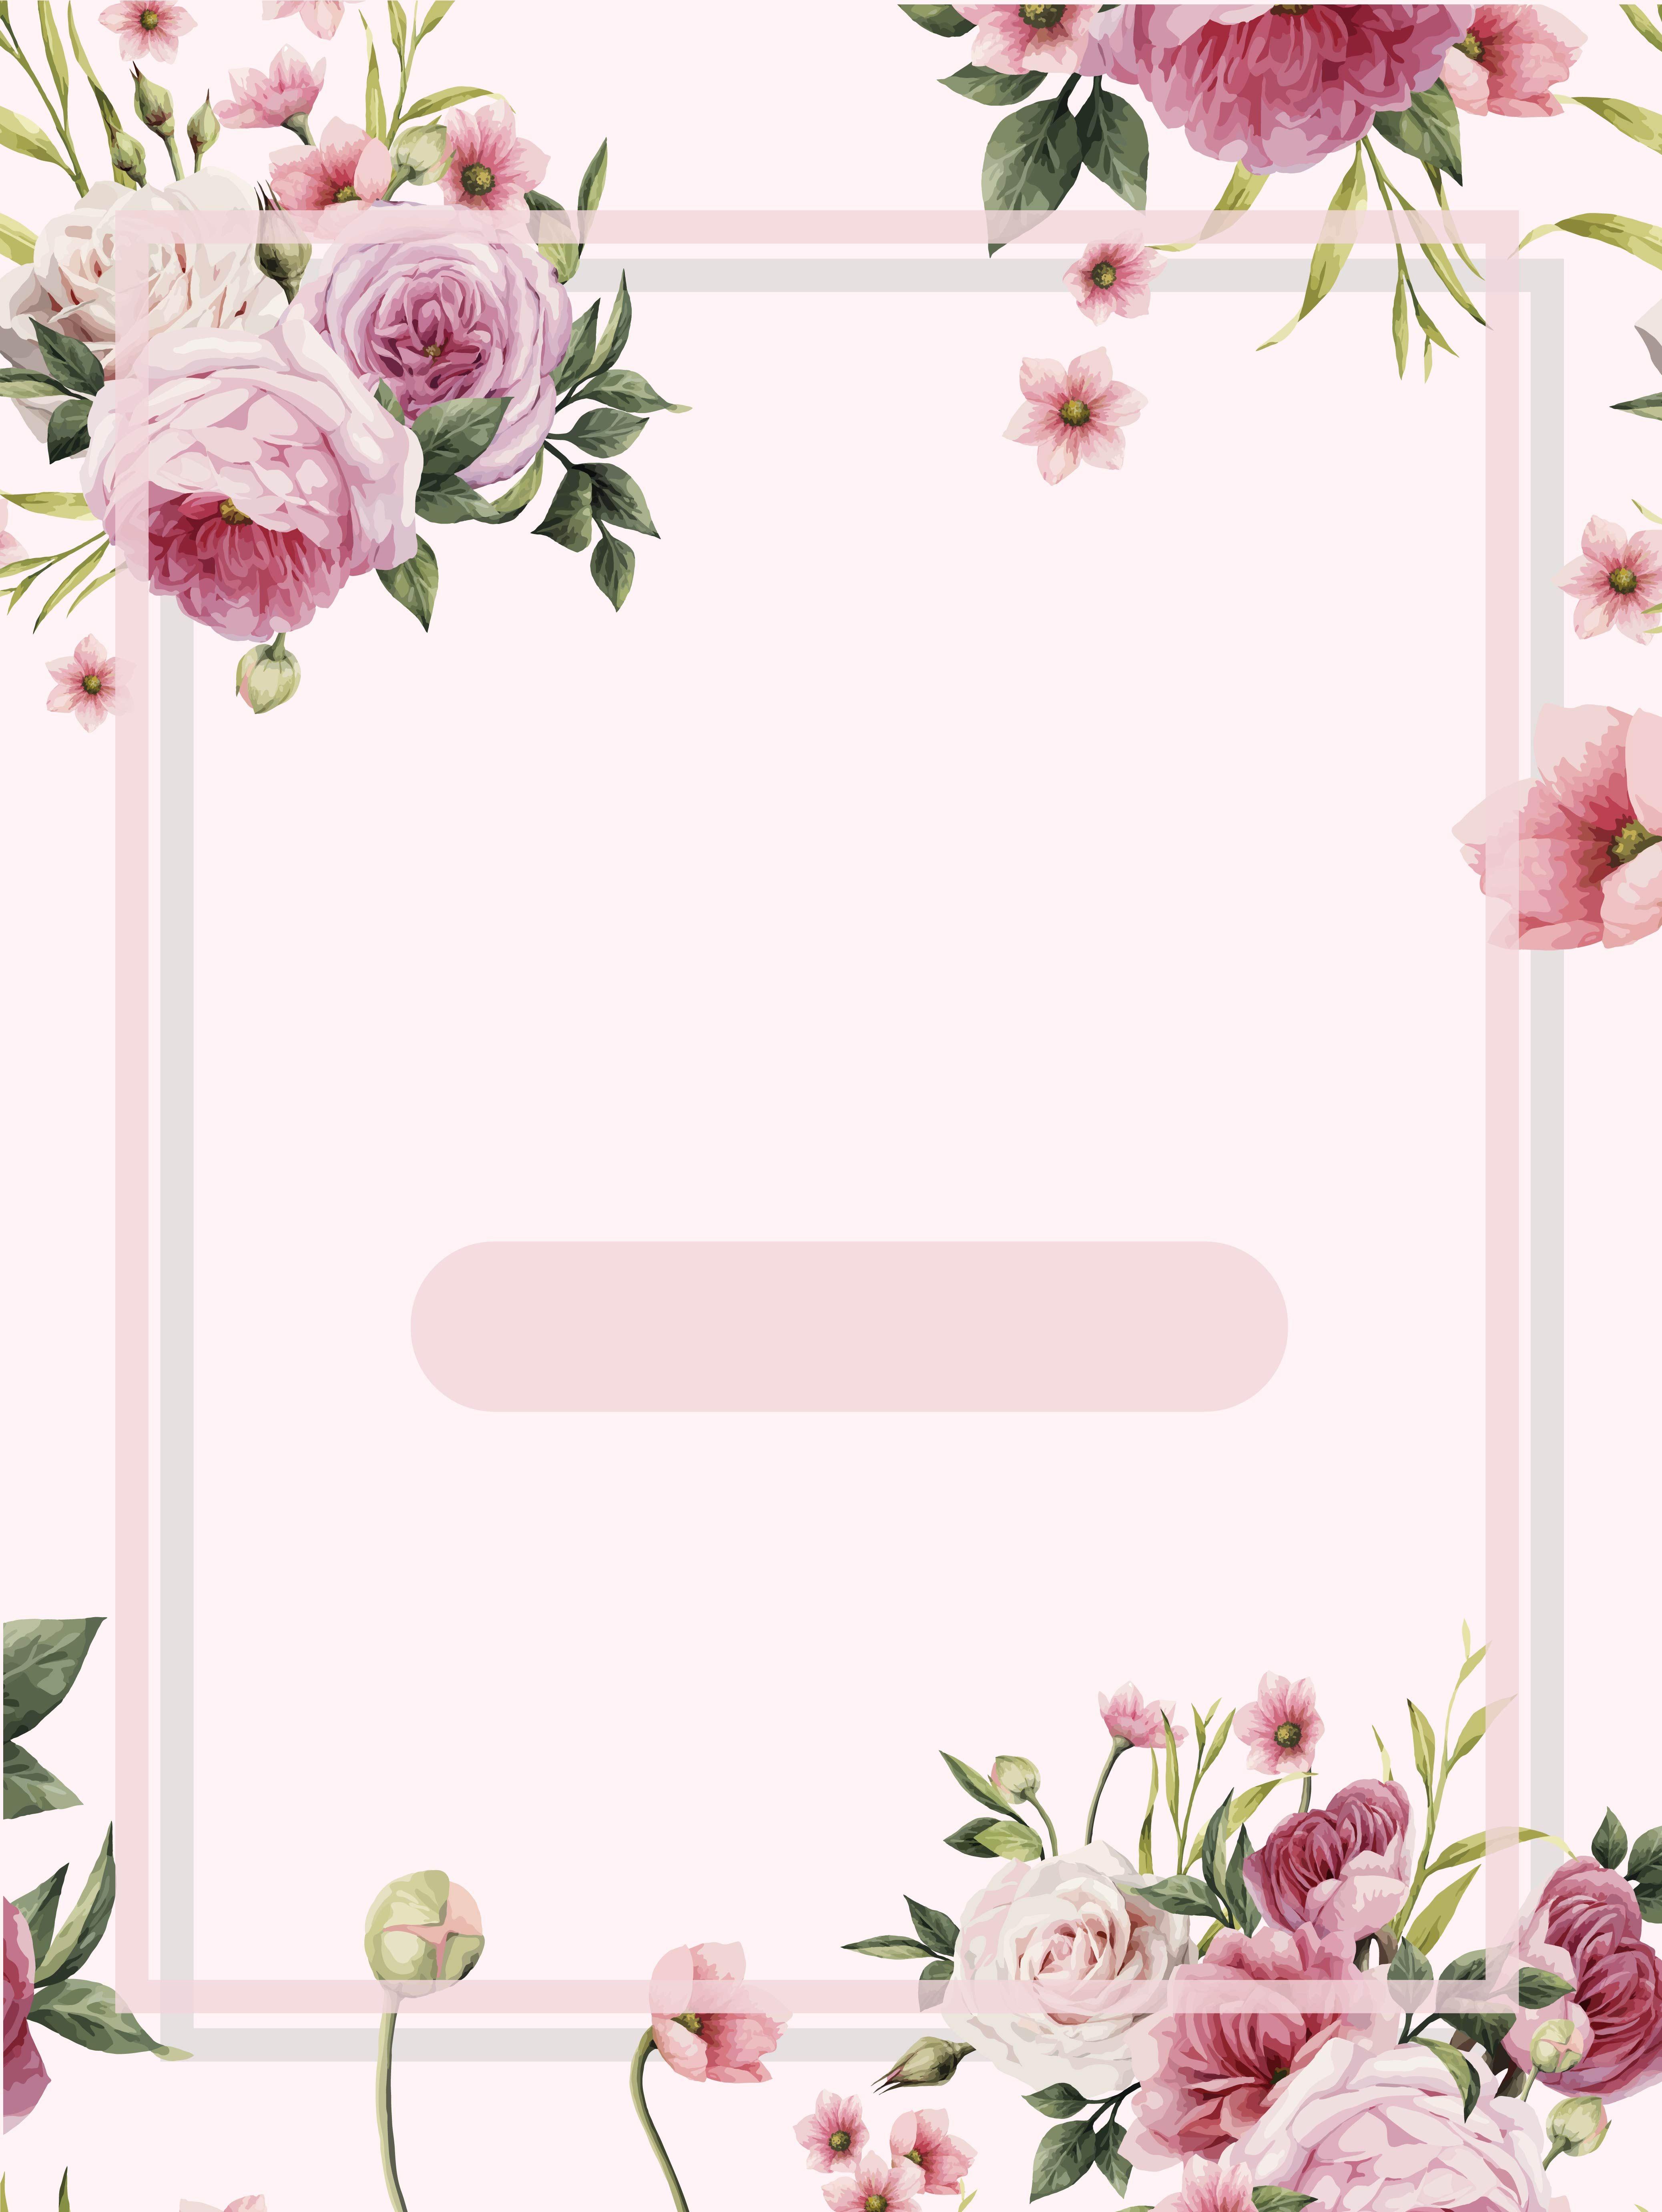 Pink Flowers Frame Watercolor Background Dengan Gambar Poster